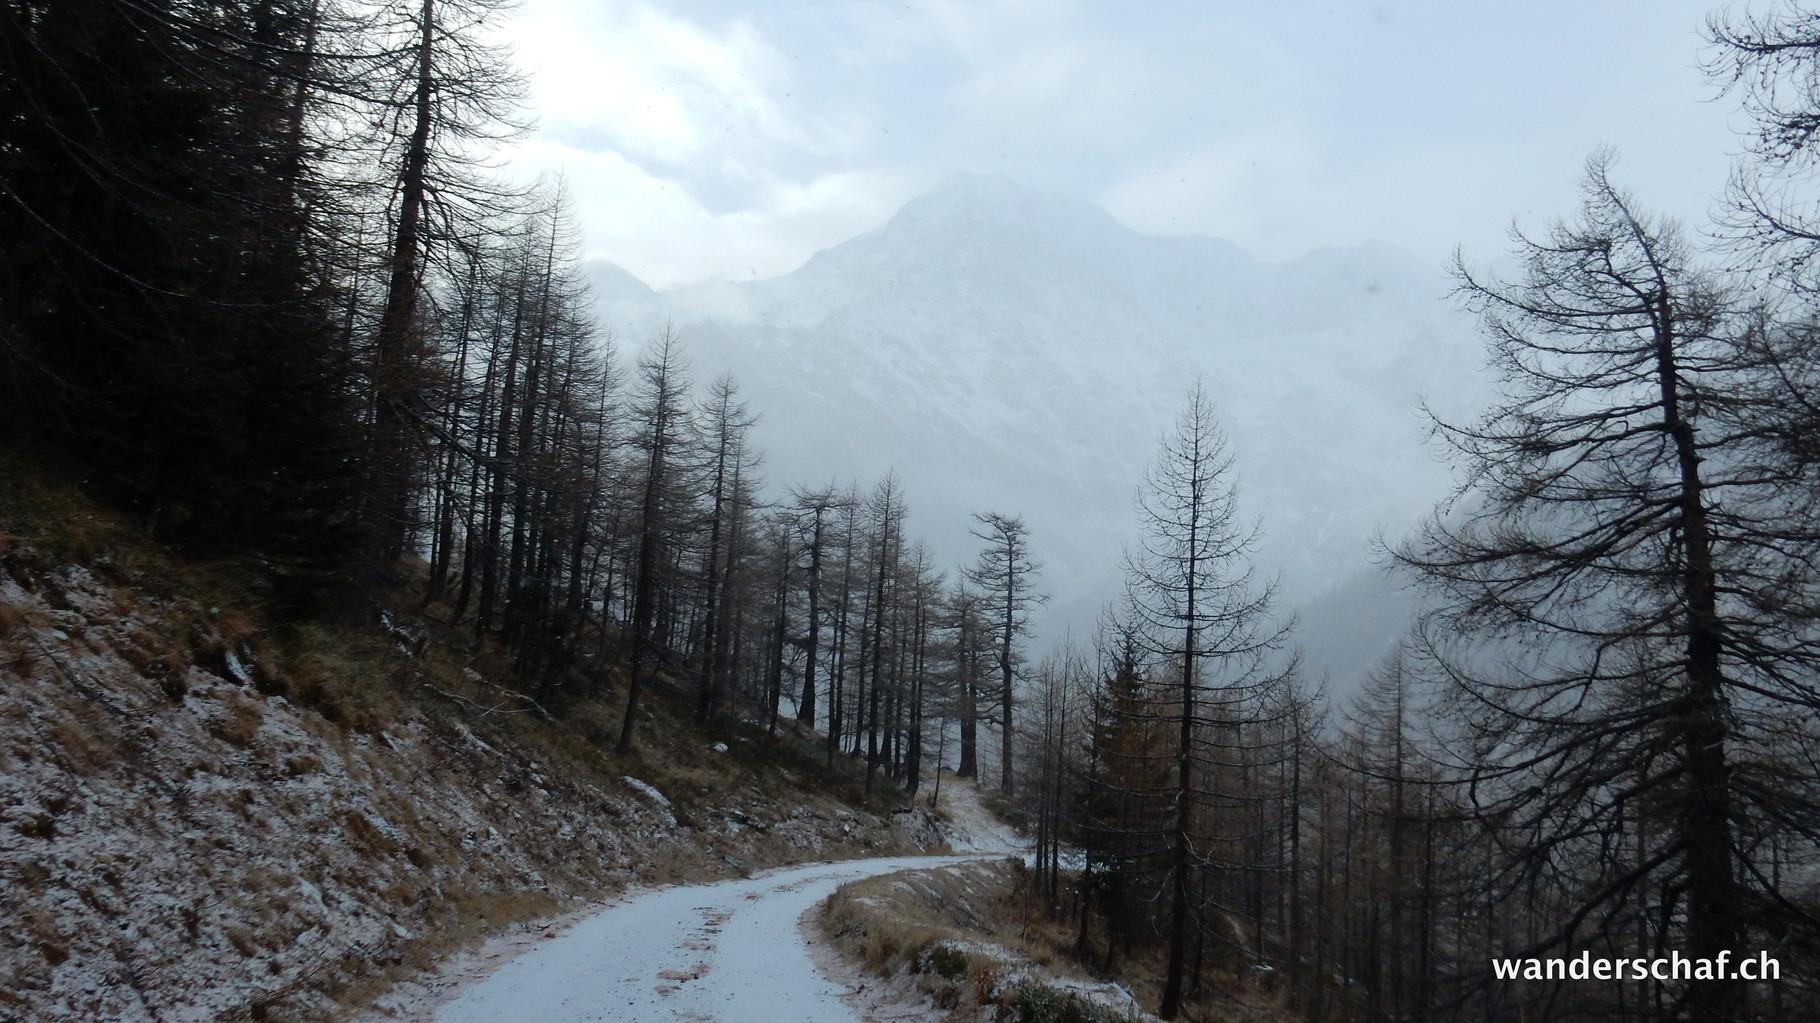 am 2. Januar gibt's eine Wanderung ab Simplon Dorf